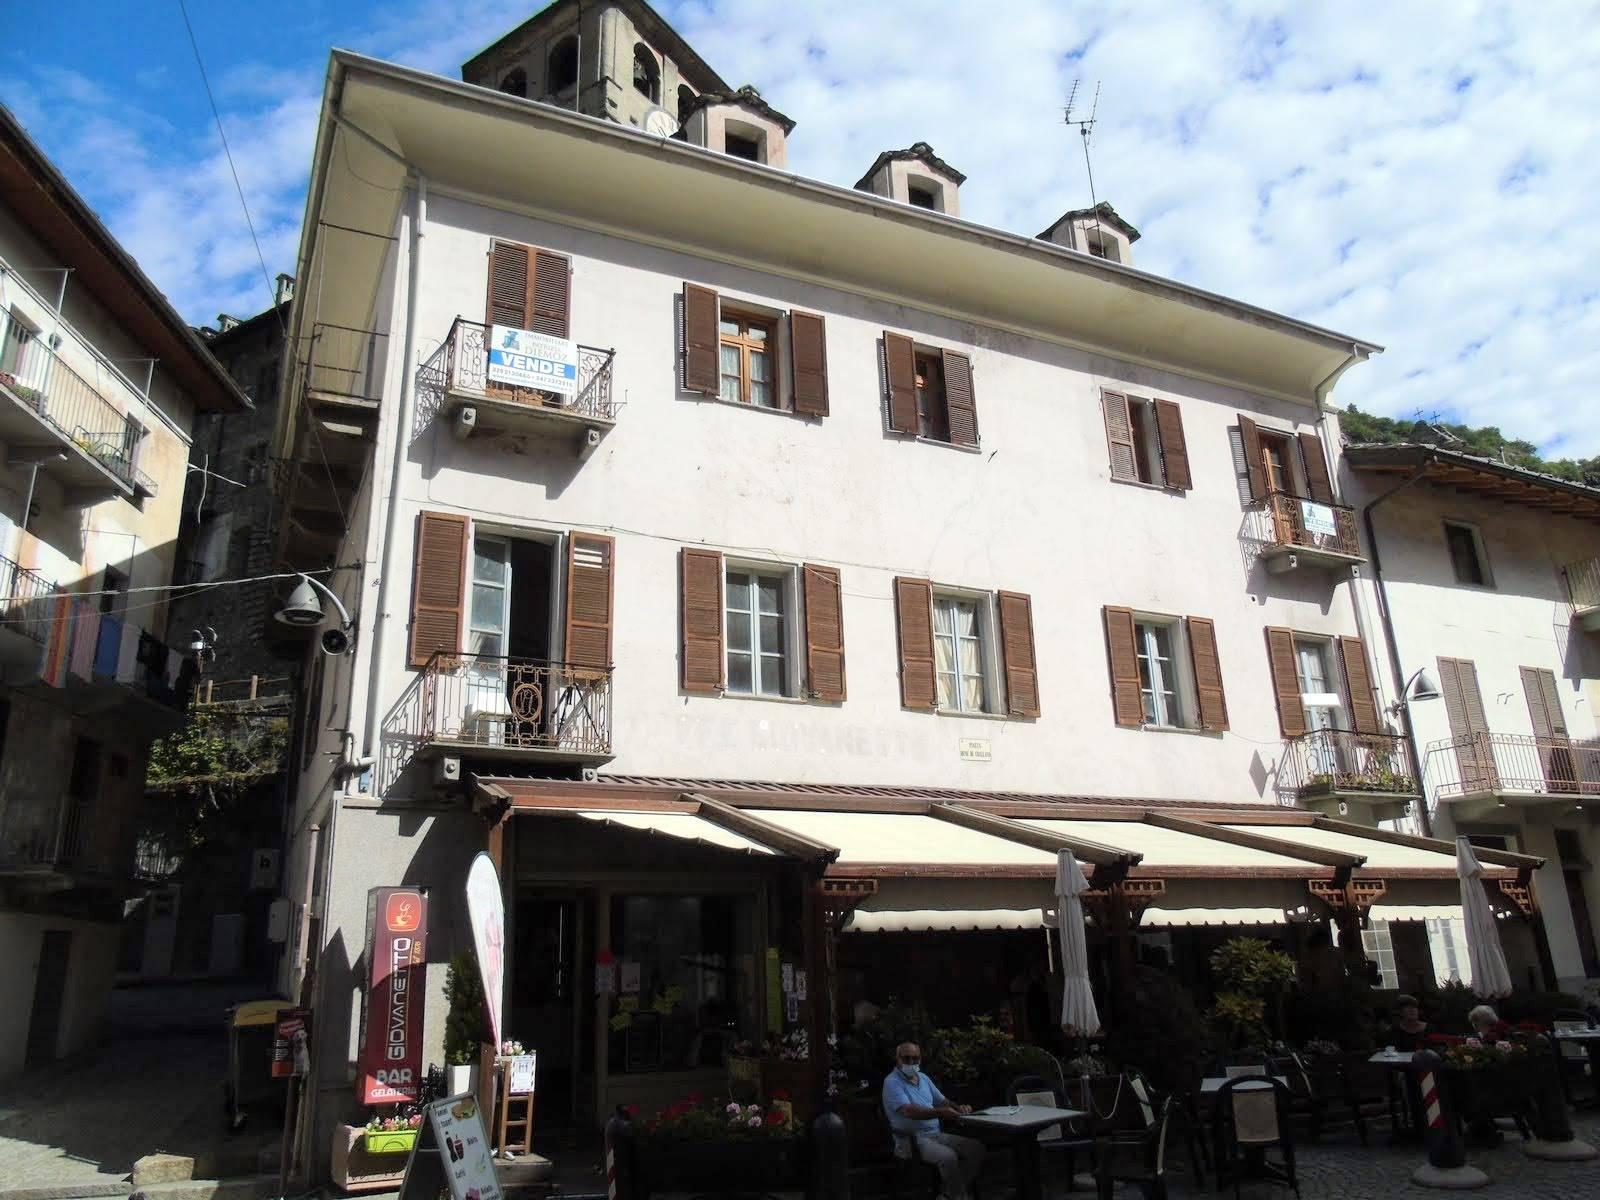 Appartamento in vendita a Verres, 6 locali, prezzo € 160.000 | PortaleAgenzieImmobiliari.it